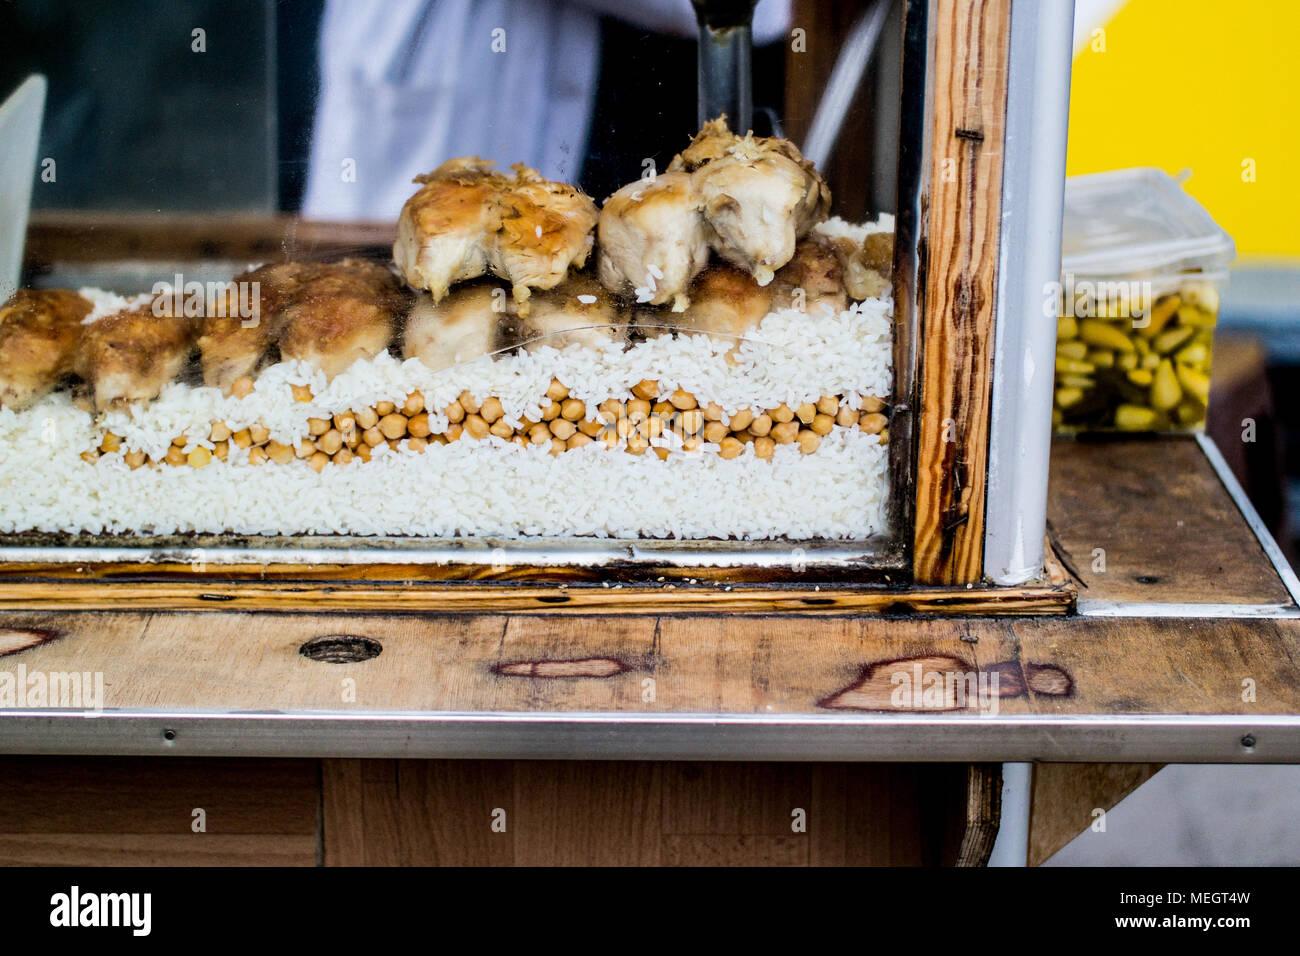 L'alimentation de rue turque Poulet et riz avec des pois chiches. / Tavuk pilav nourriture traditionnelle. Banque D'Images